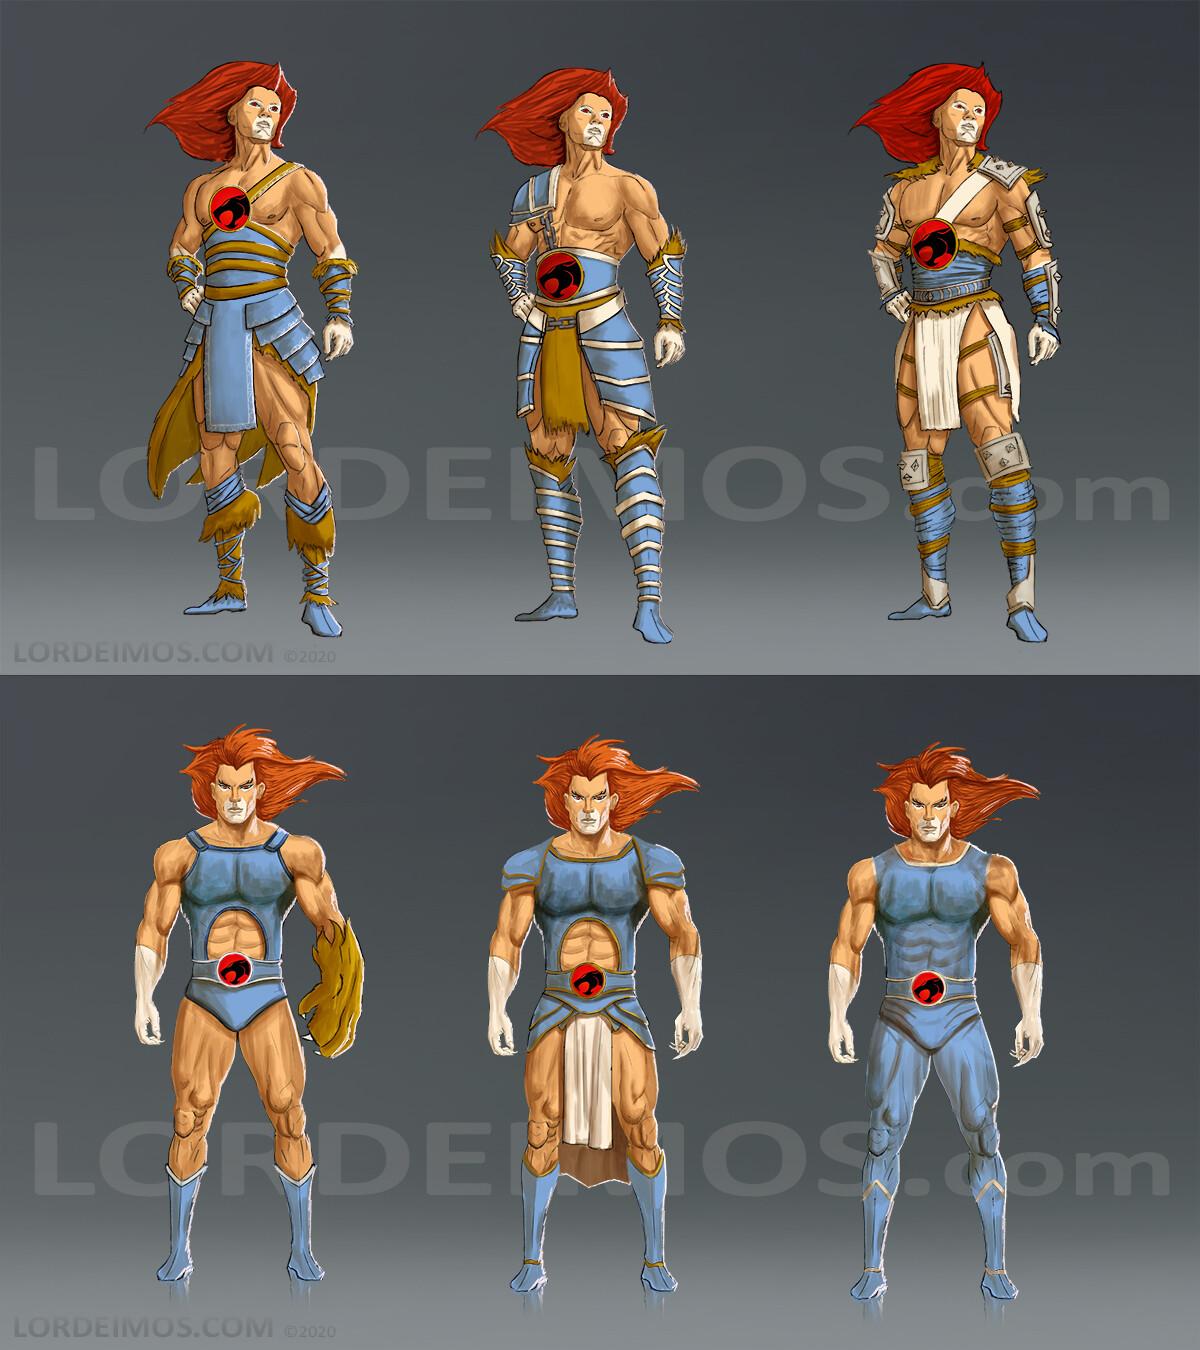 Liono outfits